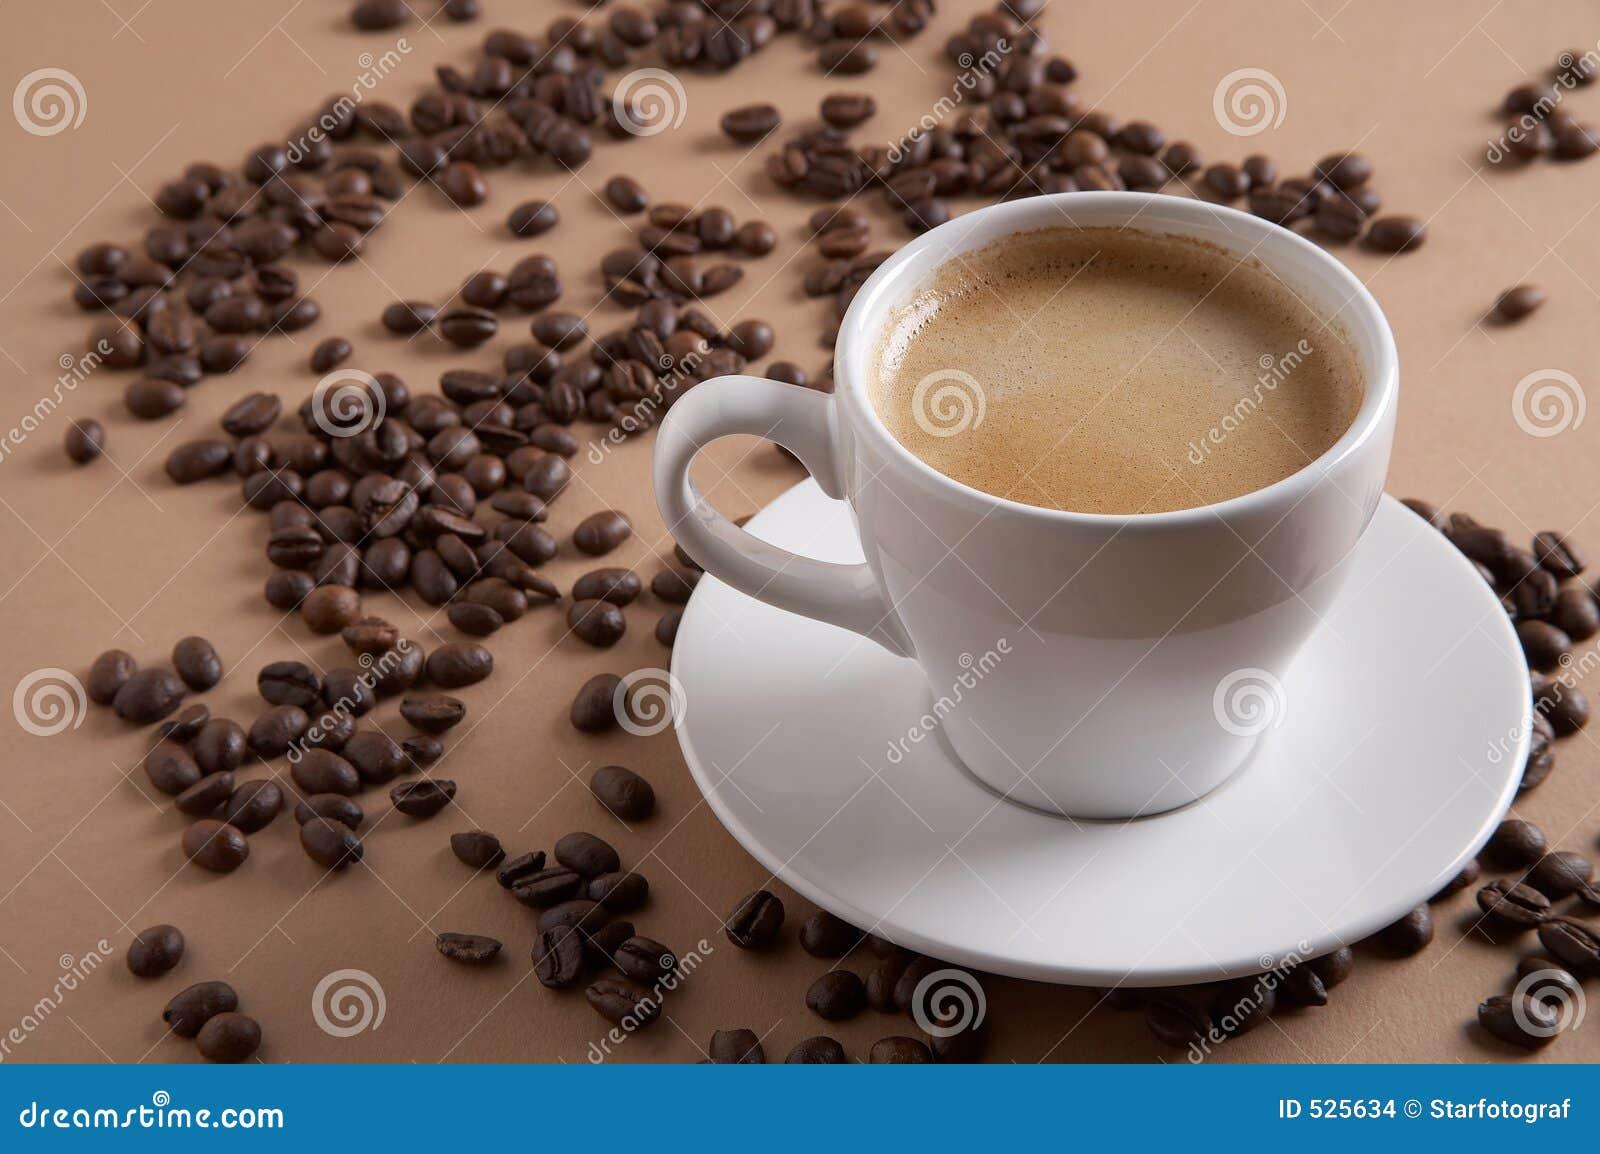 Tempo do café - Kaffeezeit